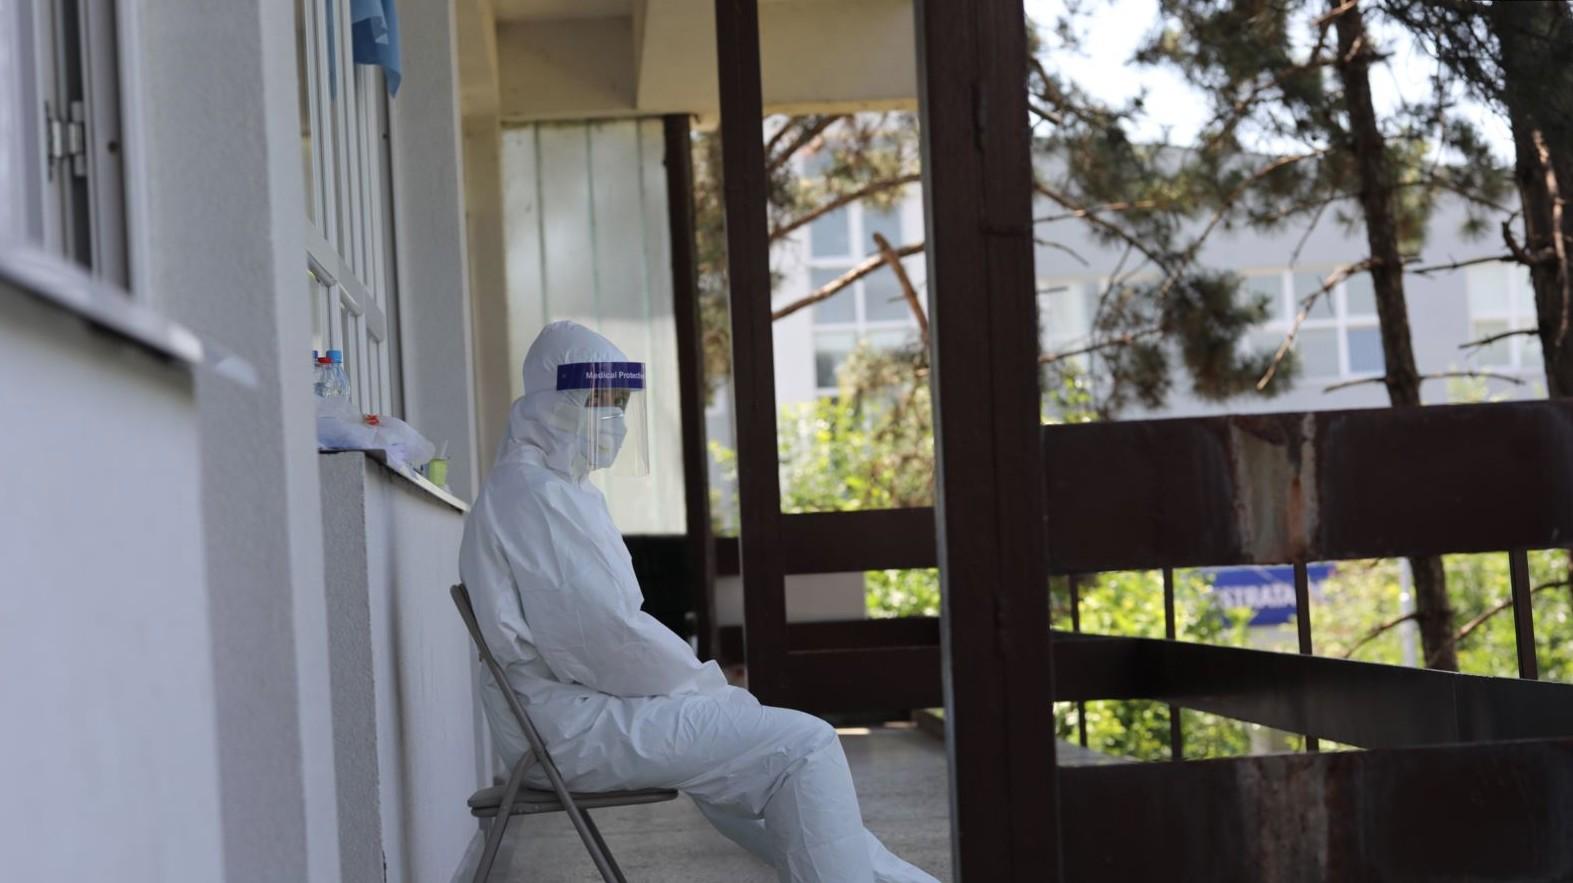 Një i vdekur dhe 18 raste të reja me koronavirusi në Kosovë në 24 orët e fundit